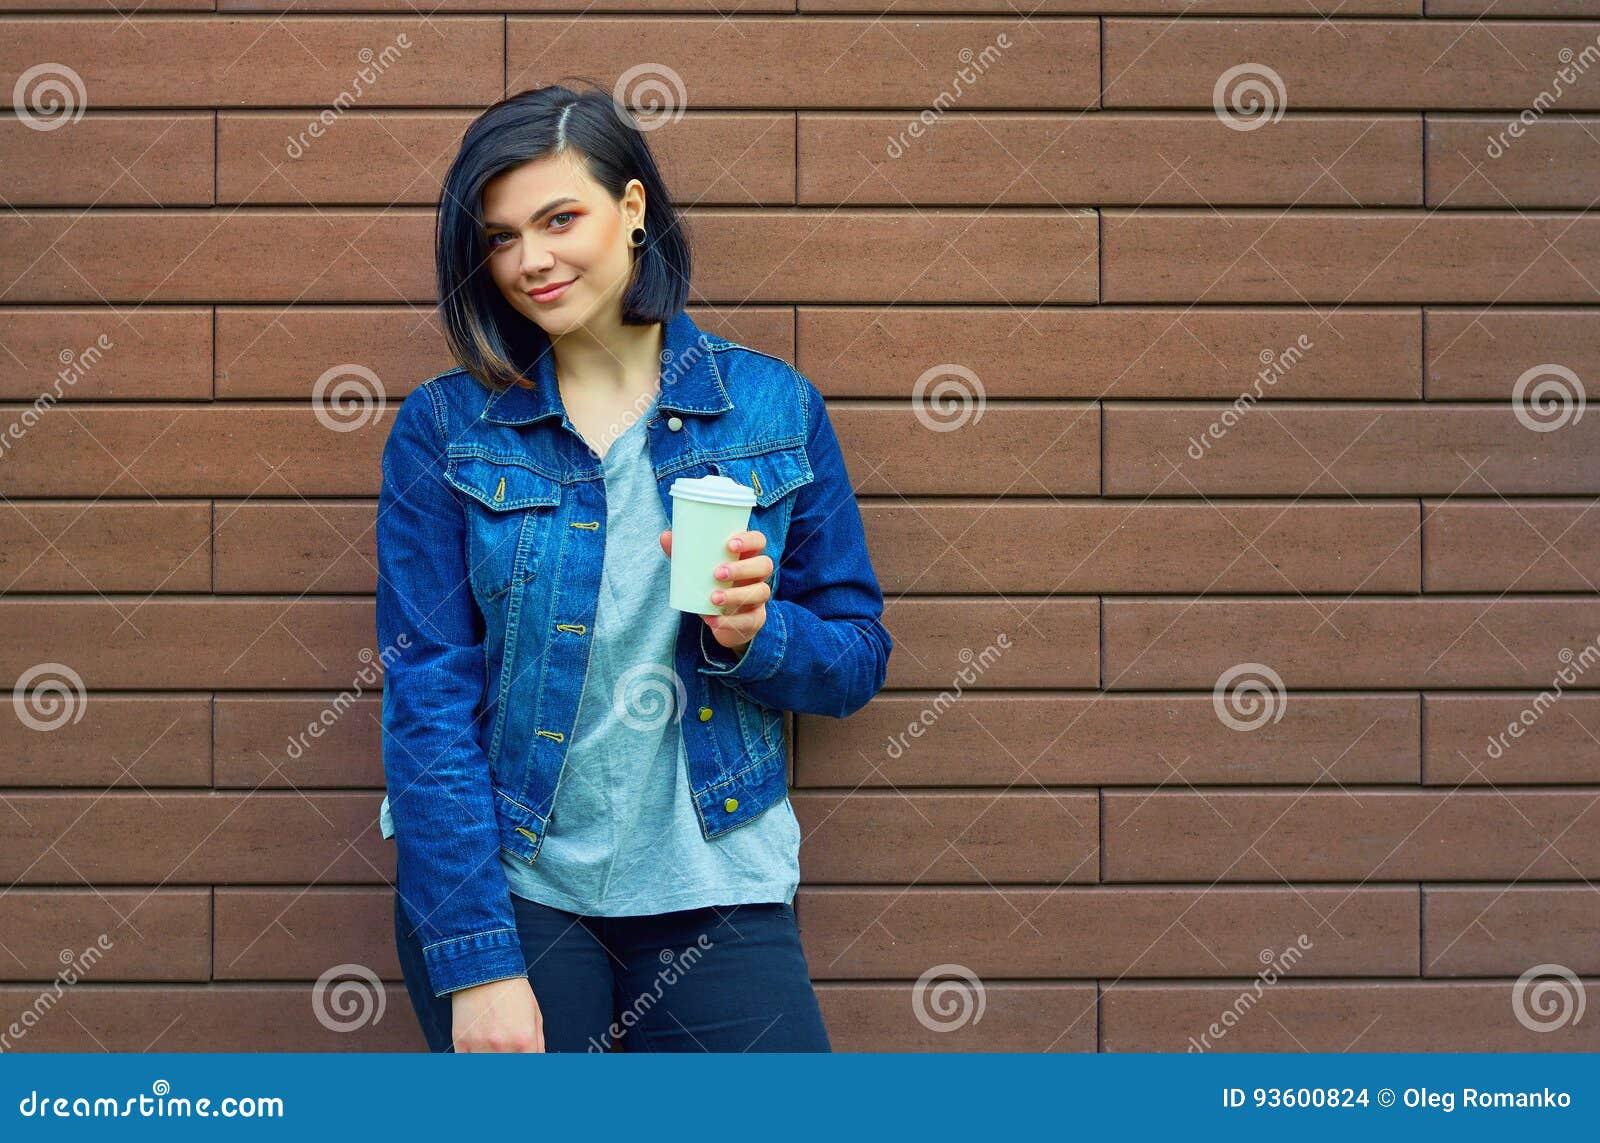 ed45078f02 Νέο σακάκι τζιν παντελόνι γυναικών με ένα φλιτζάνι του καφέ Στοκ ...